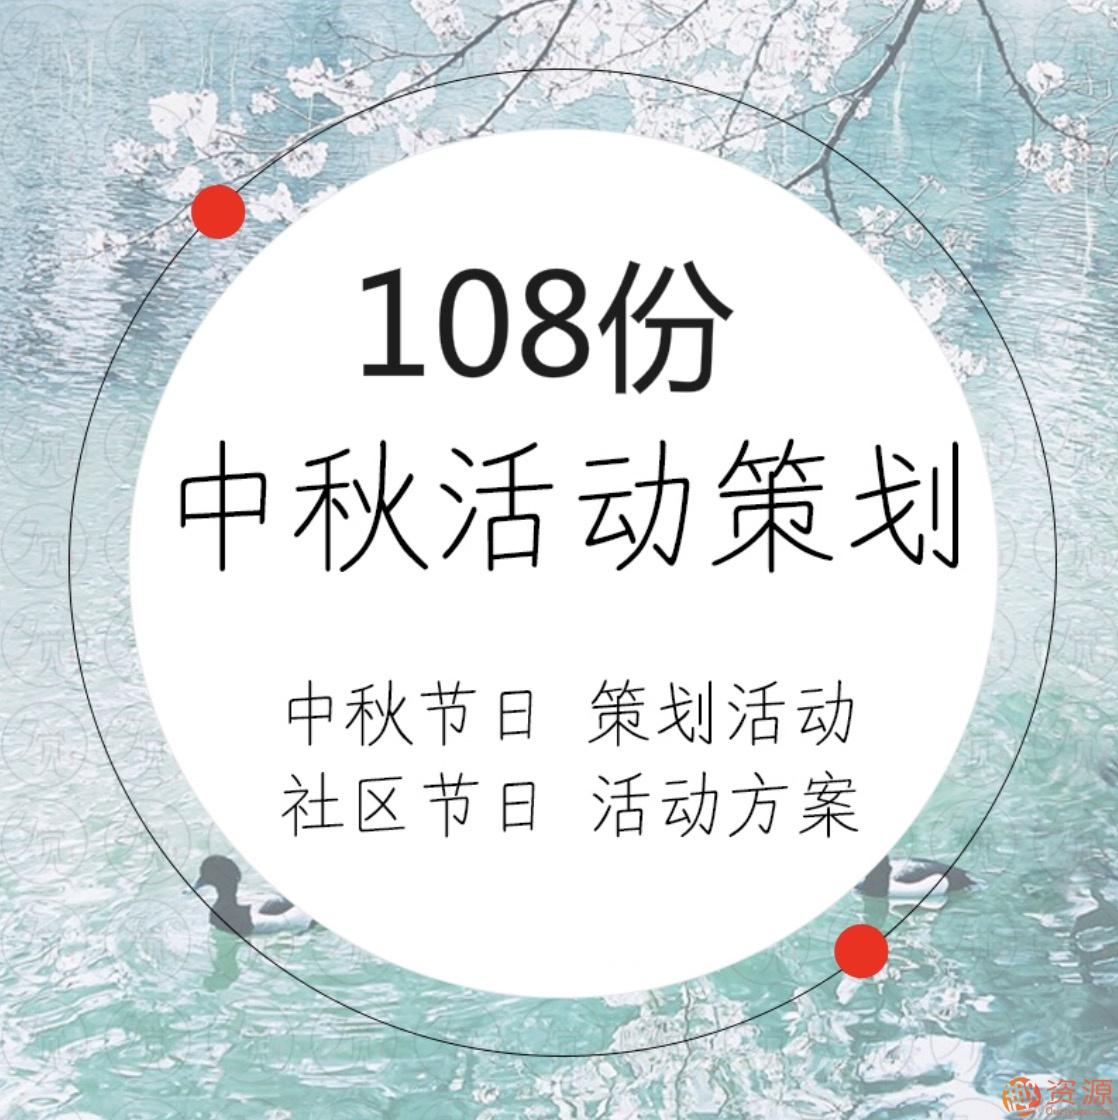 中秋国庆活动运营策划方案108份